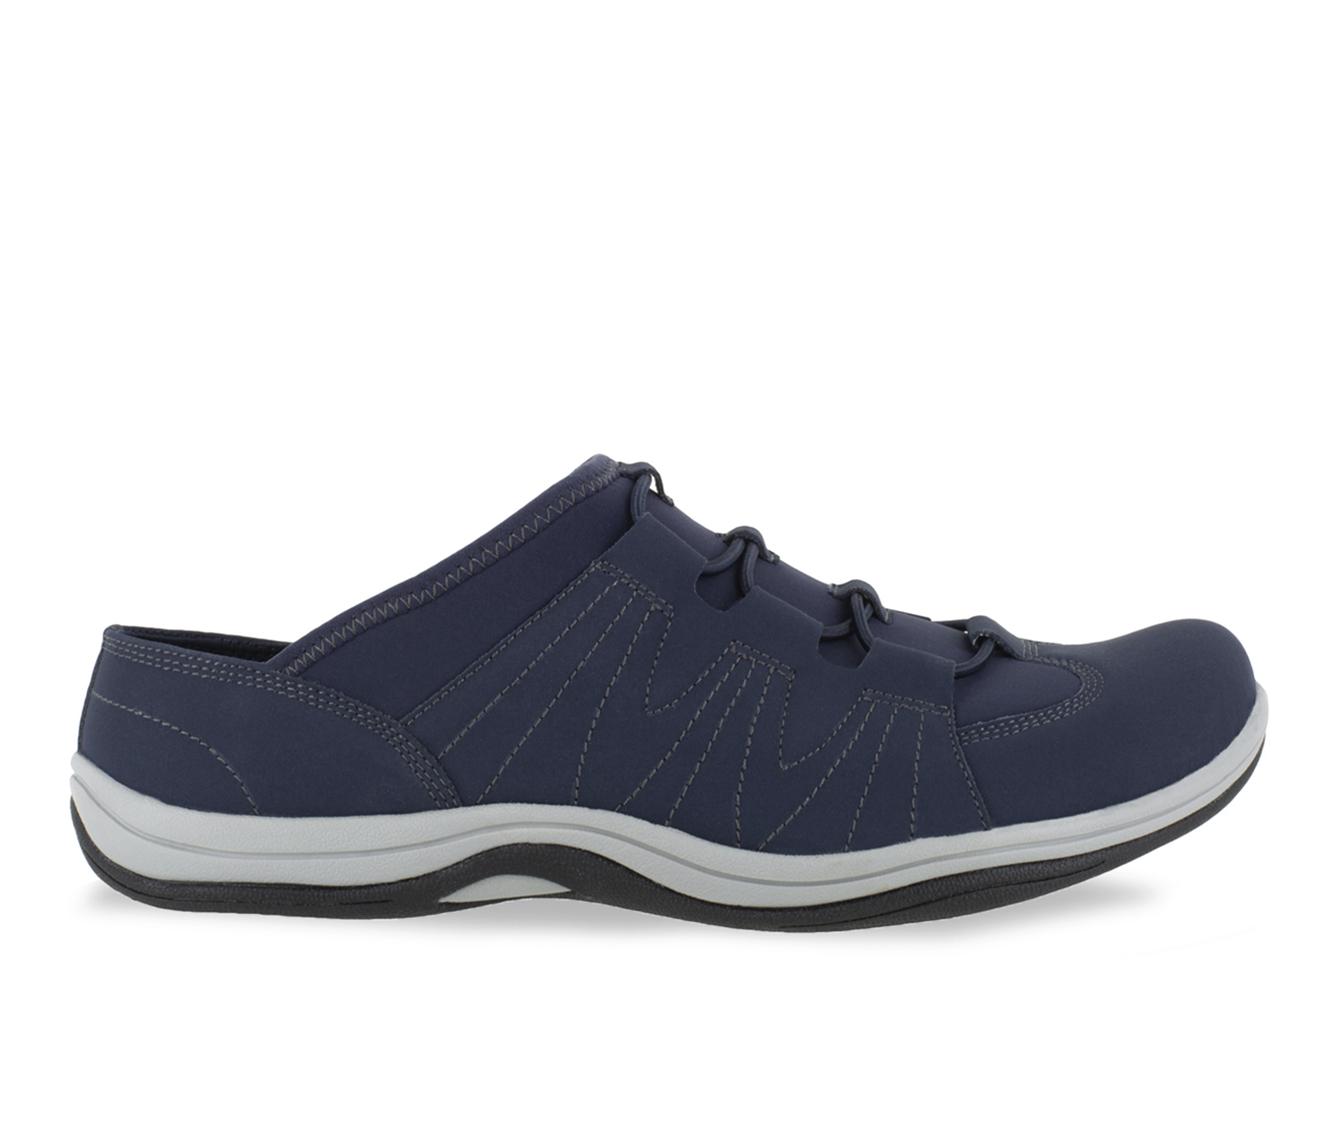 Easy Street Roam Women's Shoe (Blue Leather)